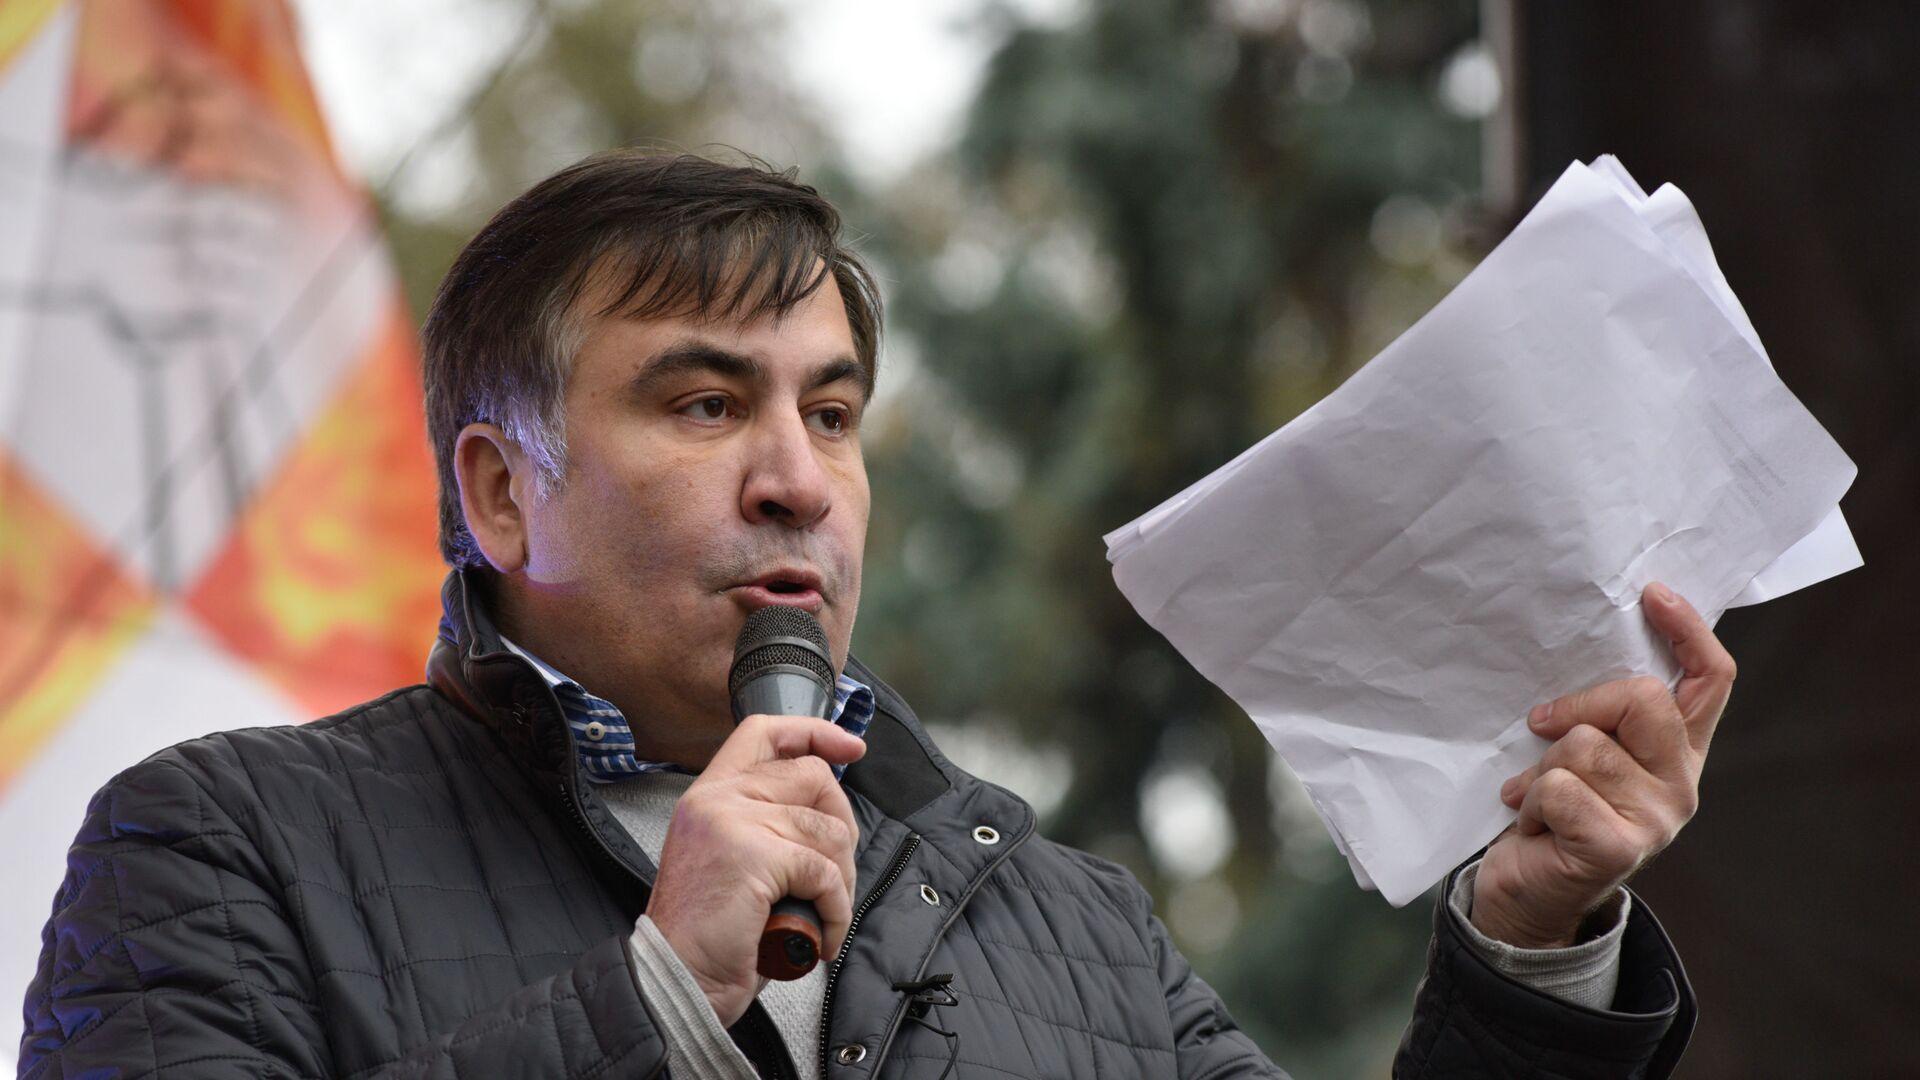 Бывший президент Грузии, экс-губернатор Одесской области Михаил Саакашвили  - Sputnik Грузия, 1920, 06.10.2021